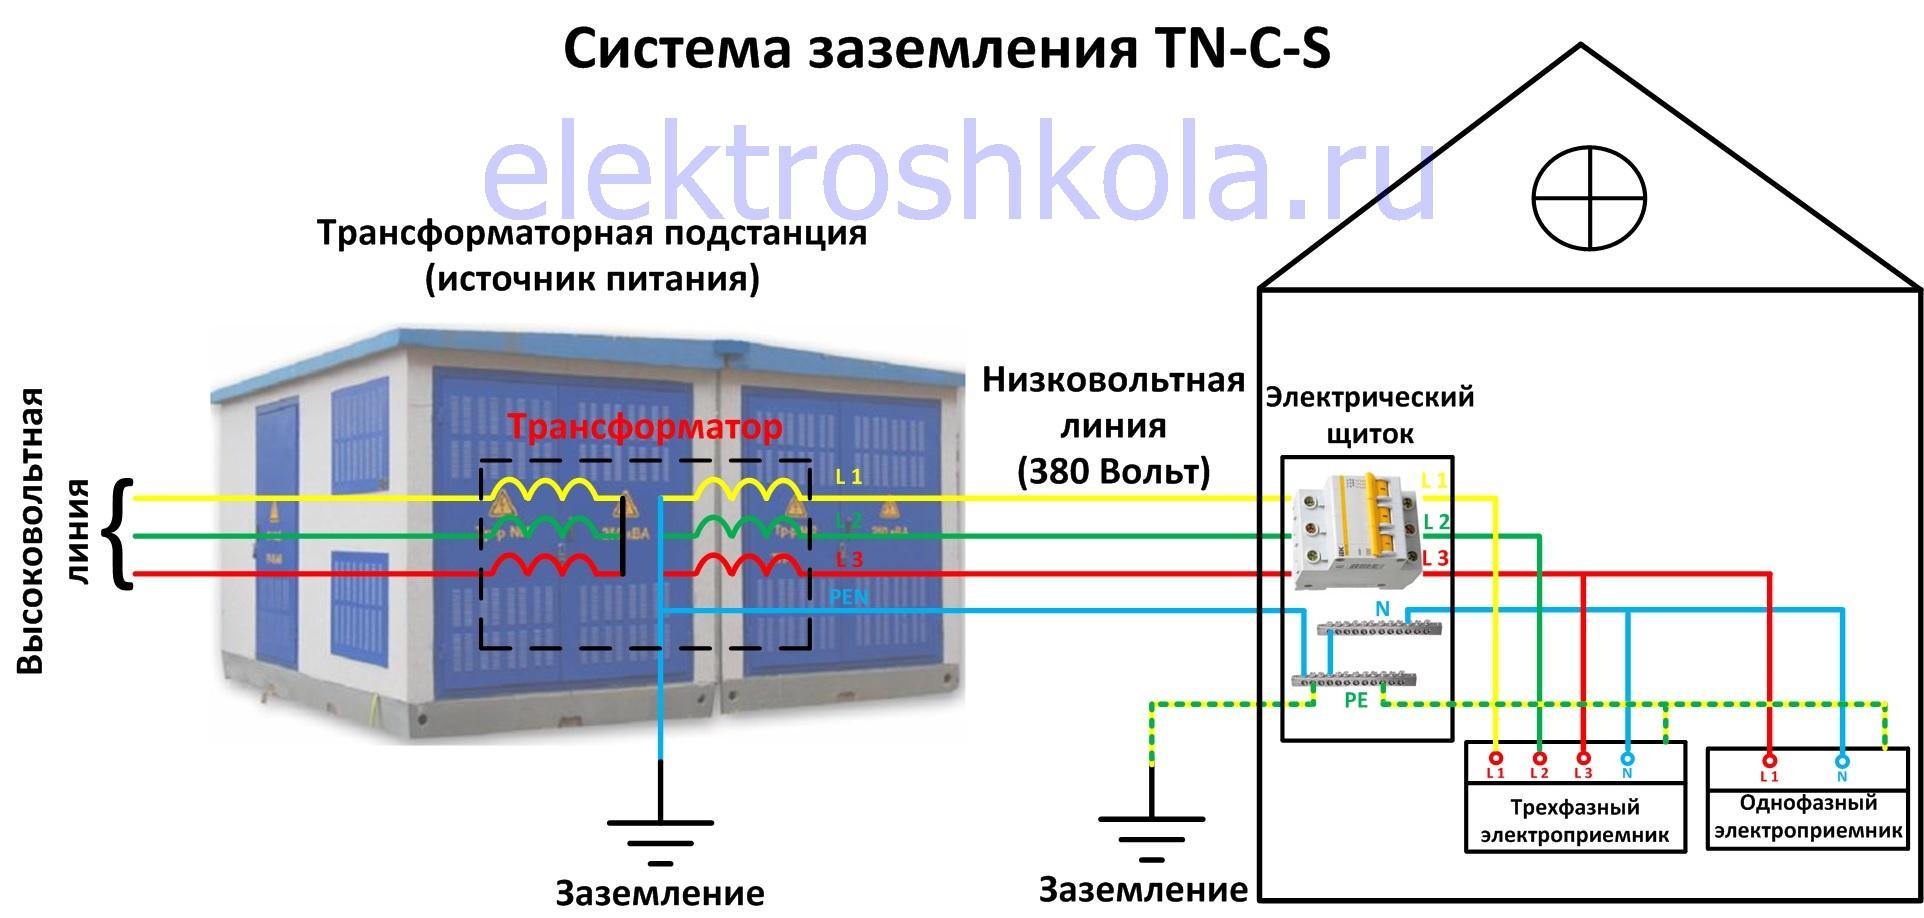 система заземления TN-C-S схема